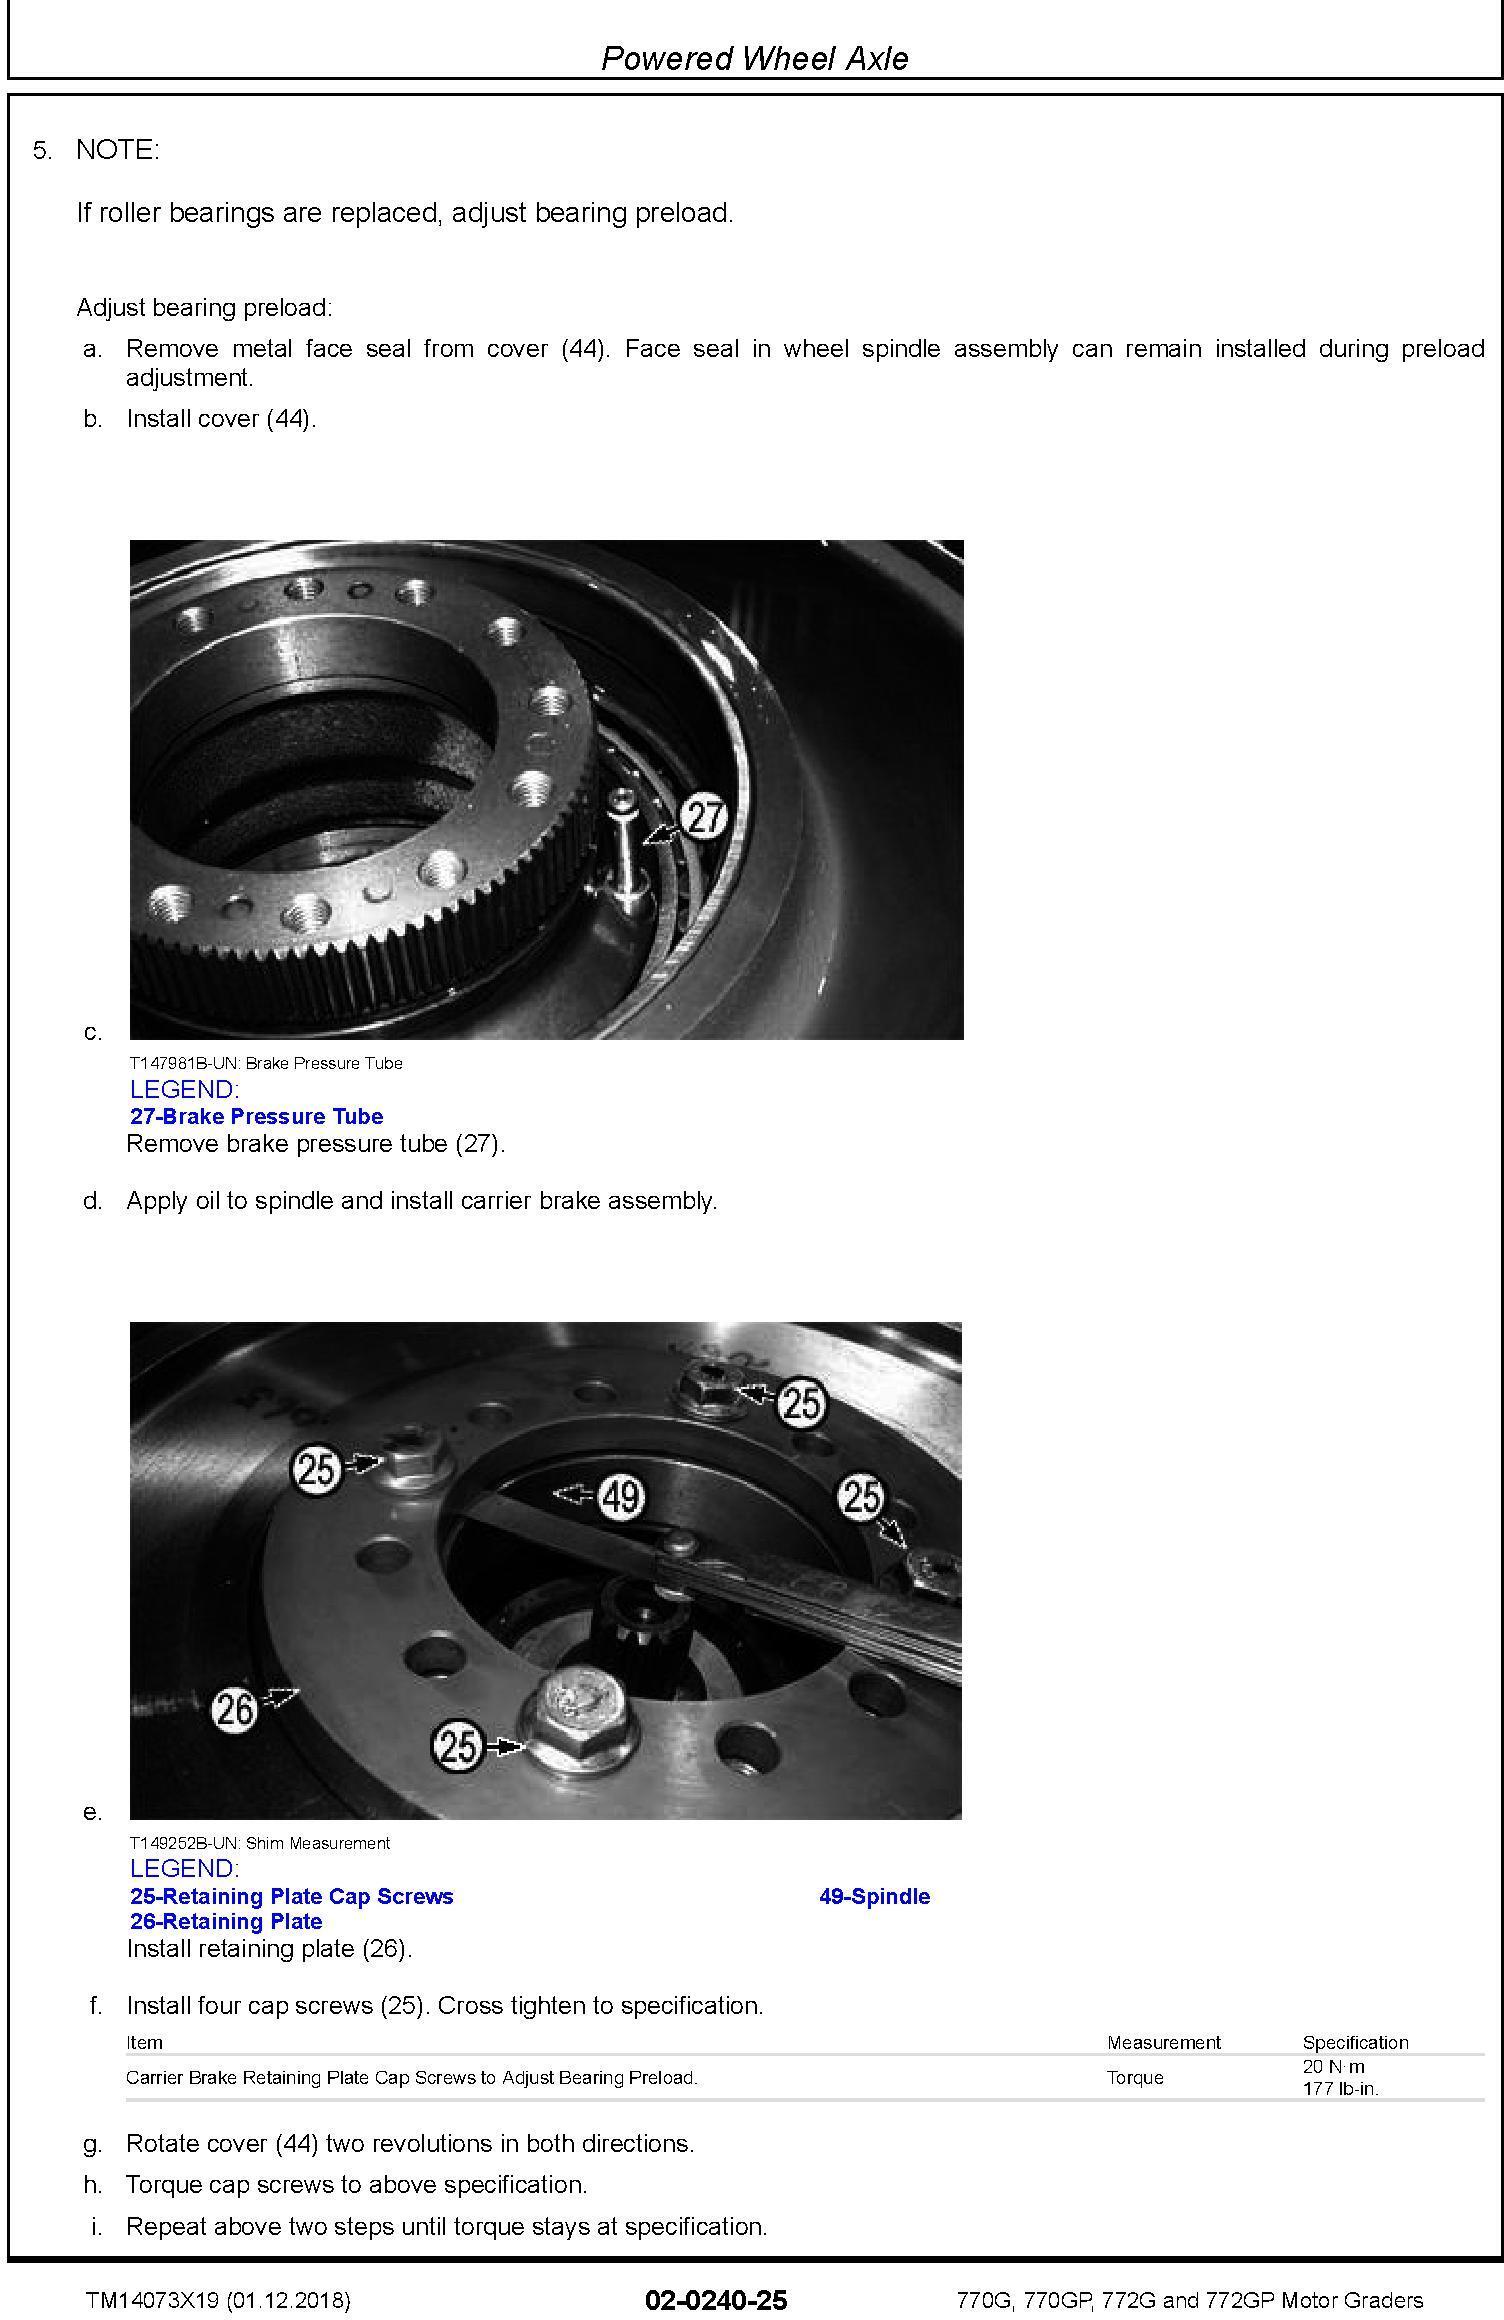 John Deere 770G, 770GP, 772G, 772GP (SN. F678818-680877) Motor Graders Repair Manual (TM14073X19) - 3